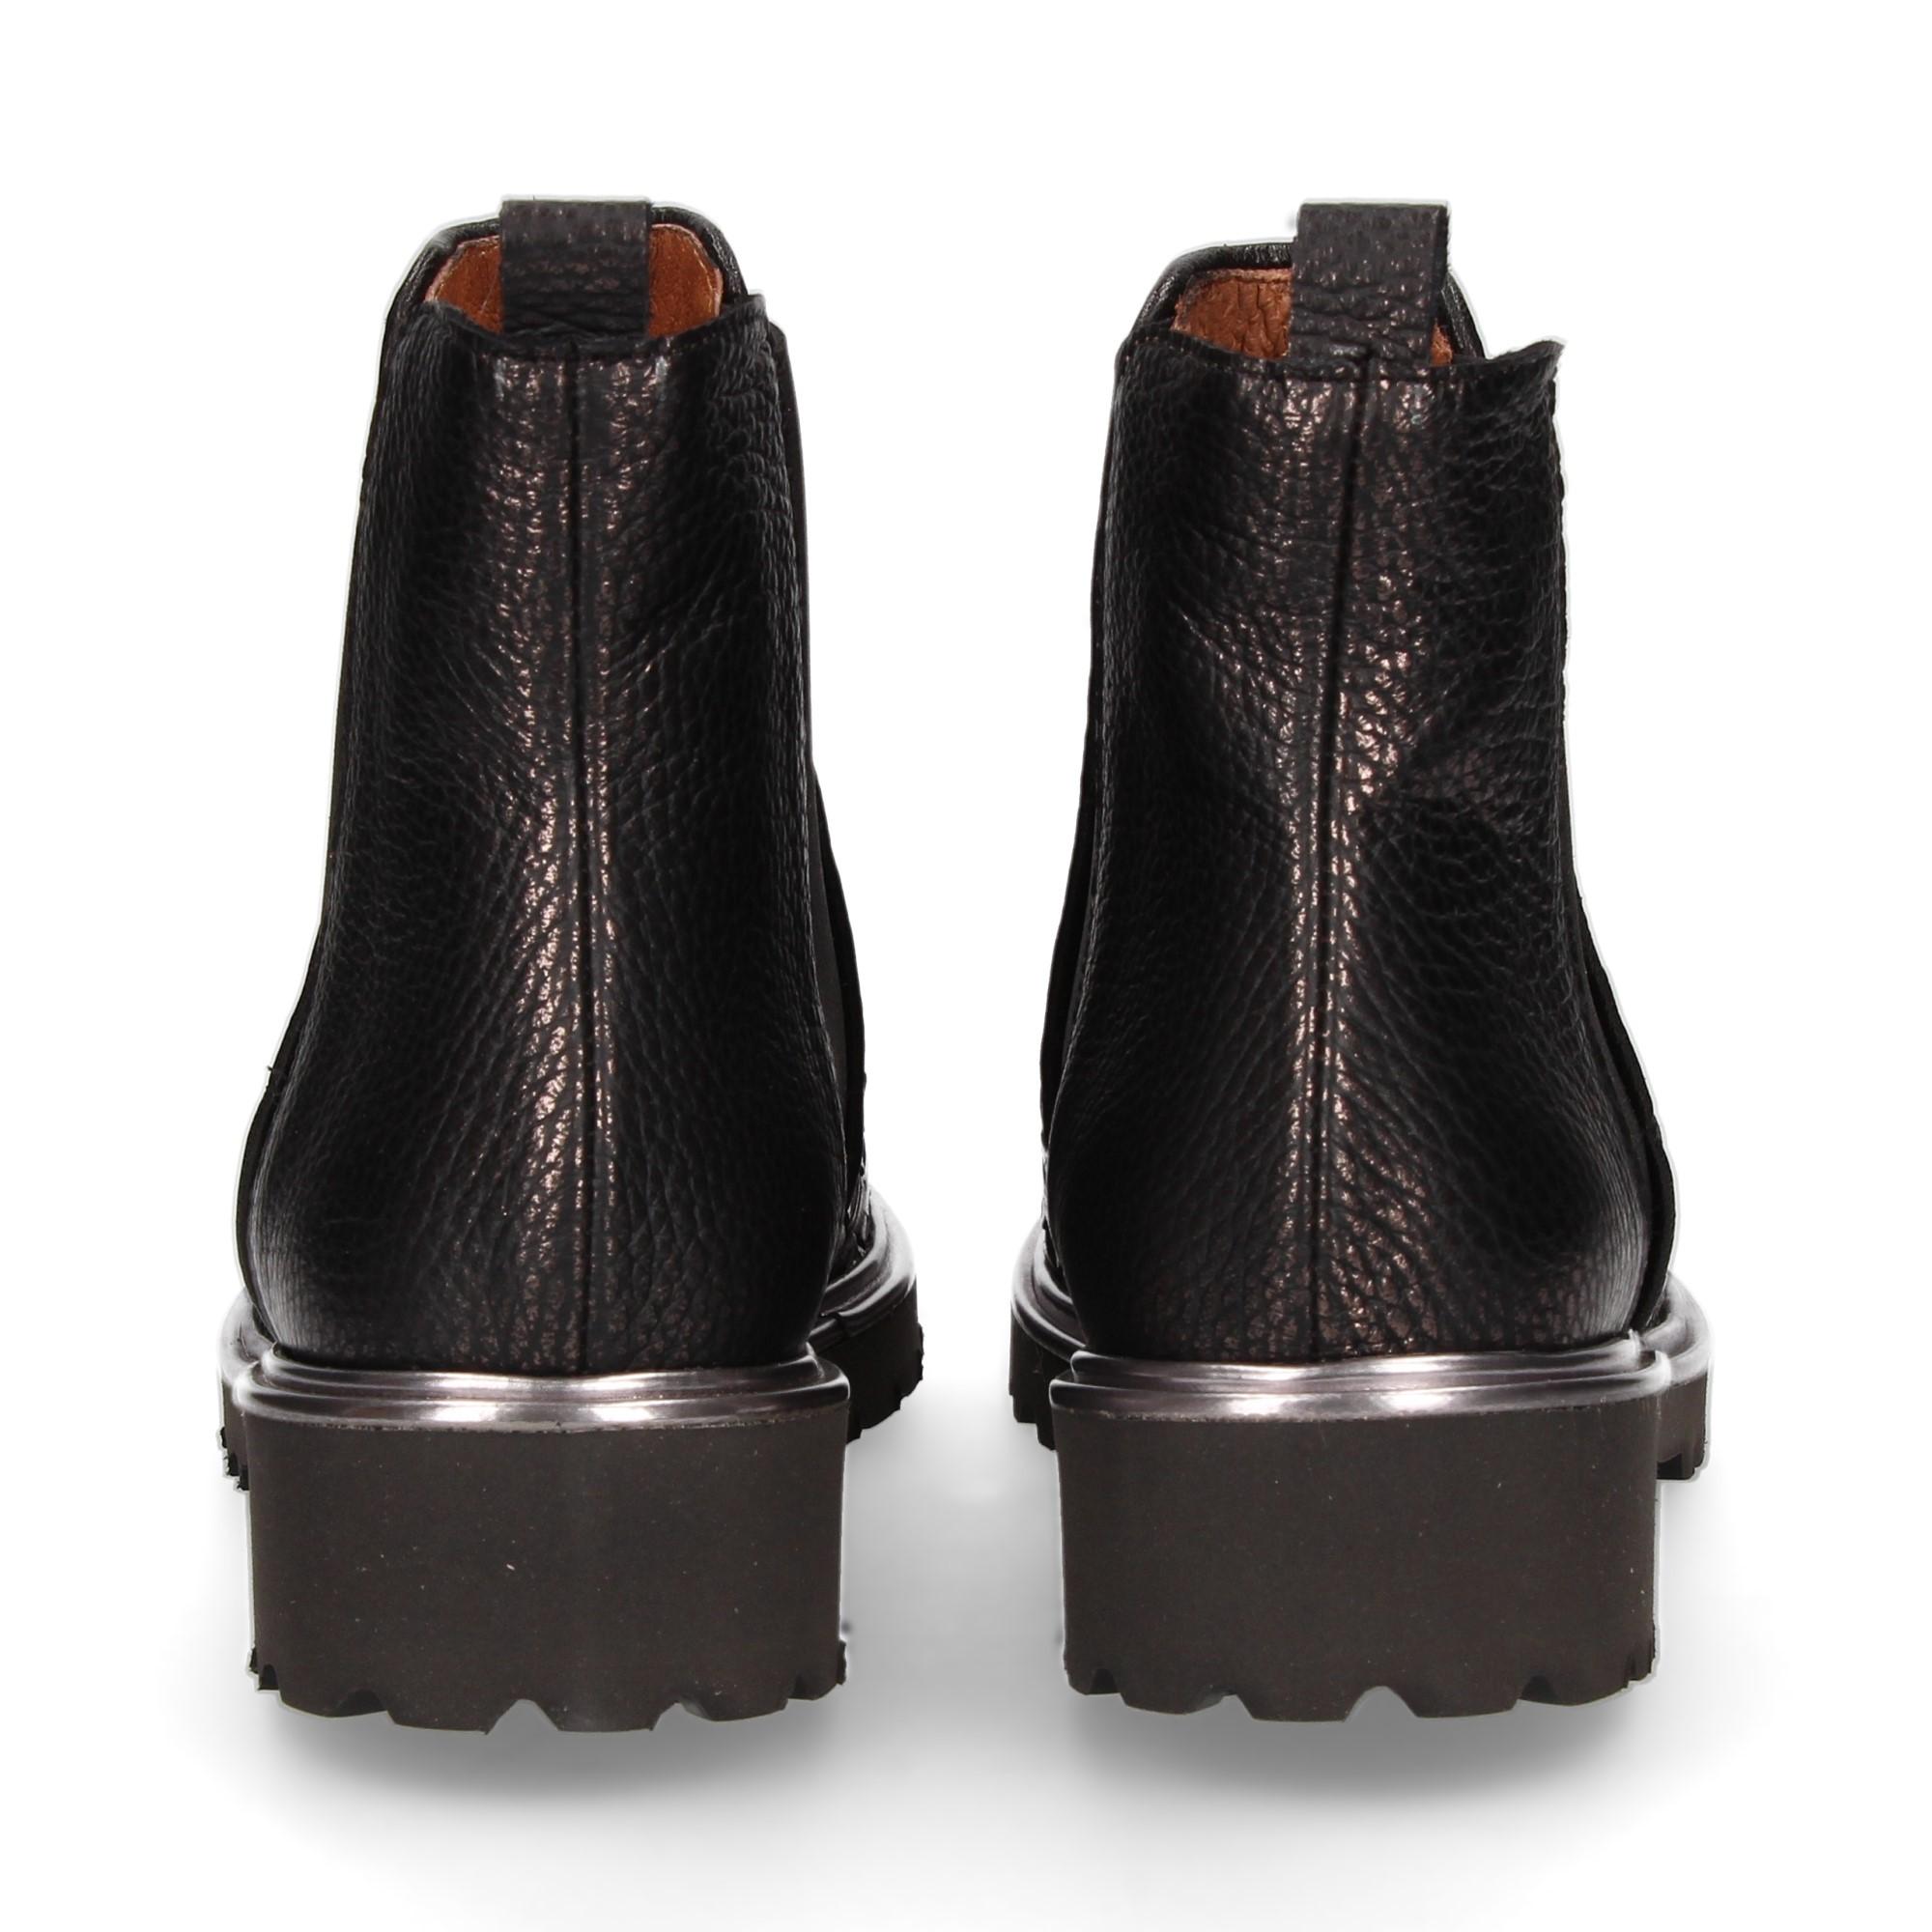 botin-2-elasticos-trezado-multi-negro